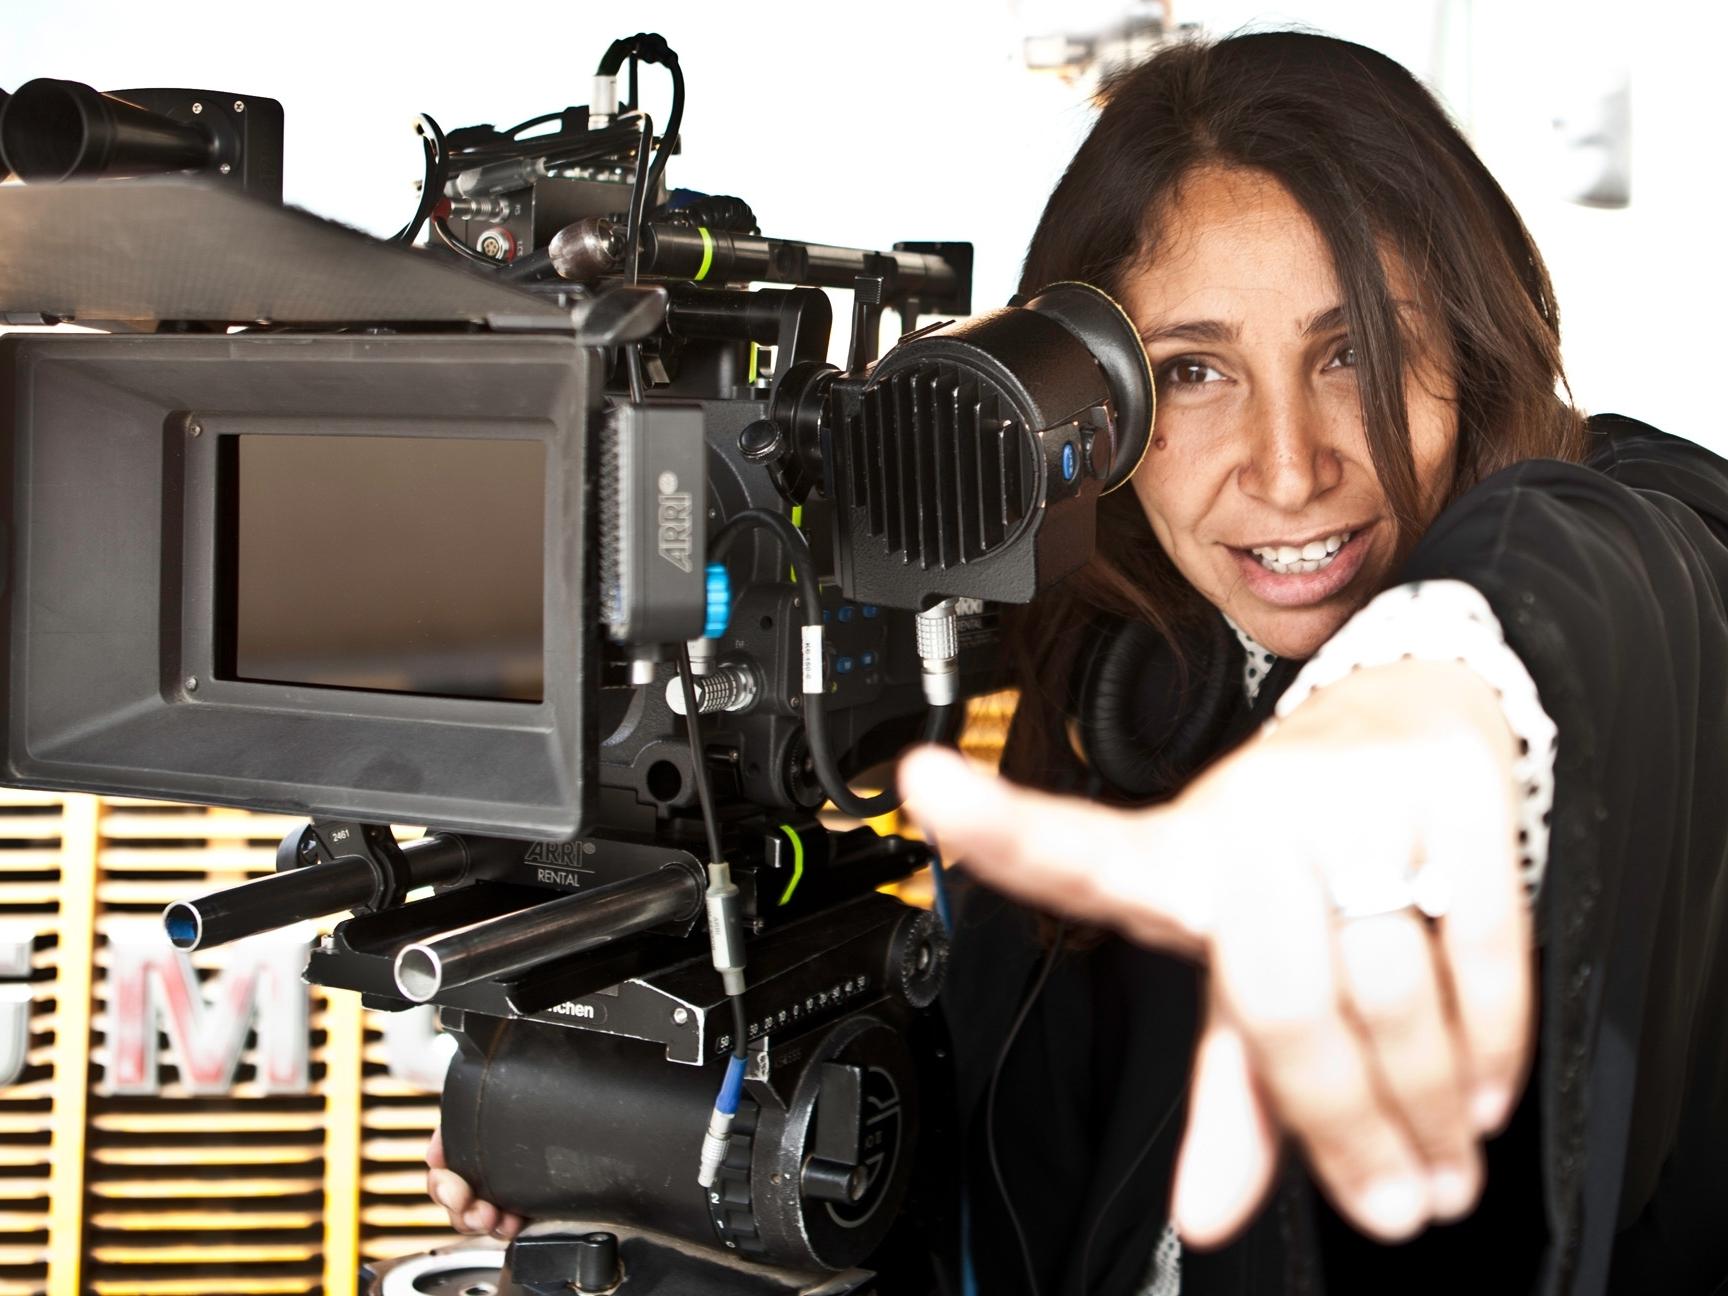 Foto da diretora Haifaa Al-Mansour. A mulher marrom de cabelo liso castanho está sorrindo com uma mão apontada para frente. A sua esquerda está uma grande câmera. No fundo é possível ver um painel de madeira com letras penduradas.